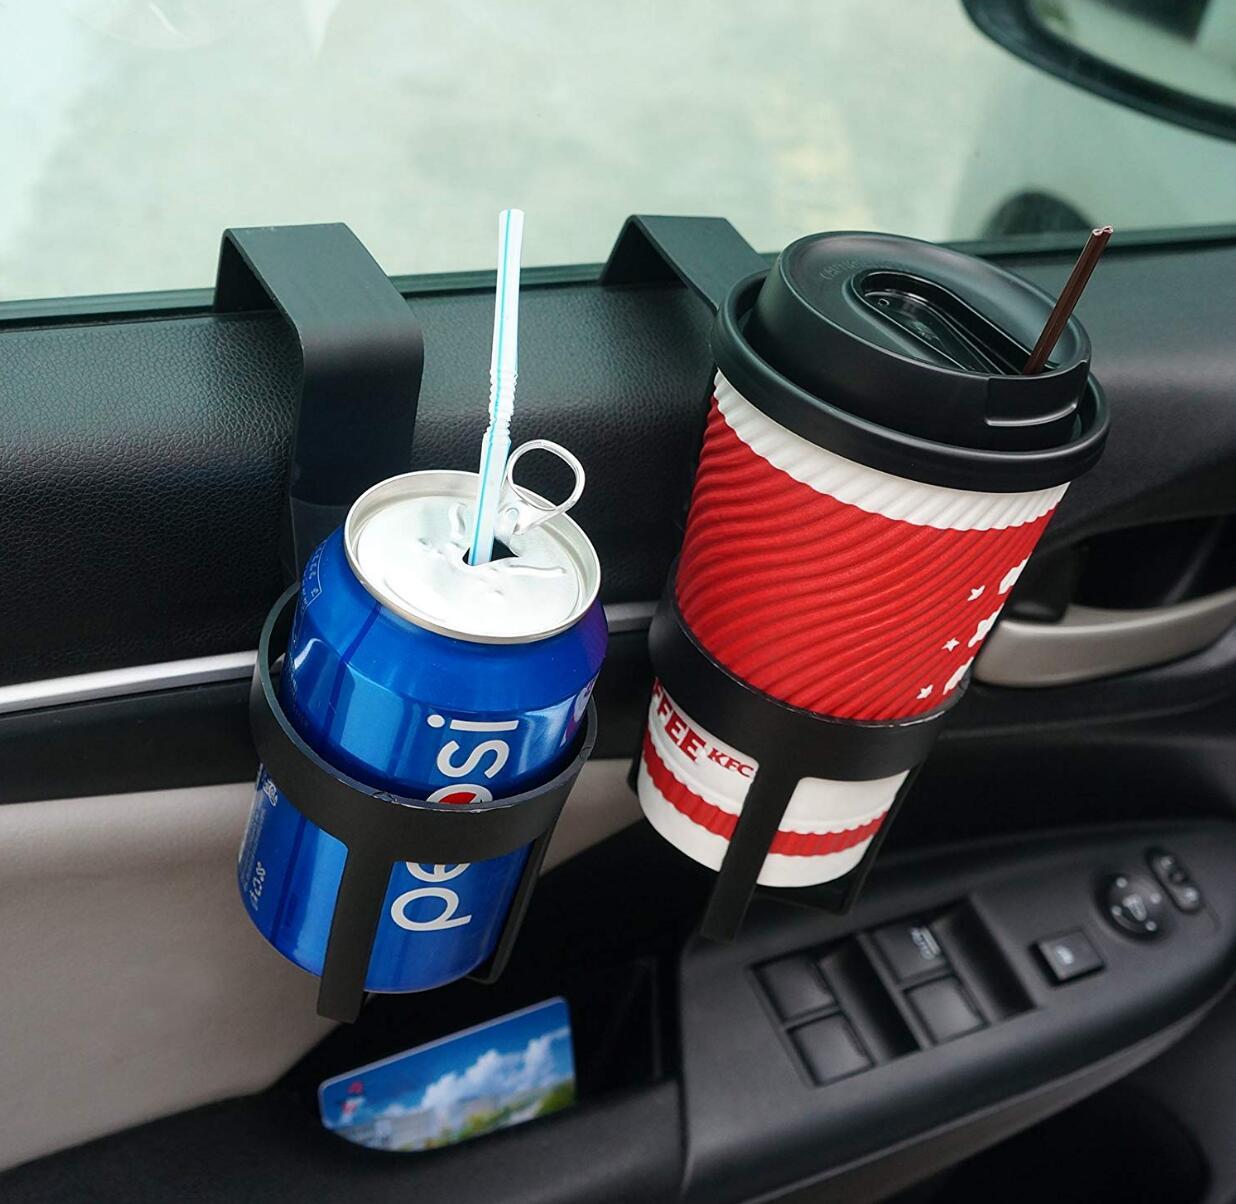 Автомобильный держатель для бутылок с напитками, подставка для mazda, honda, civic 2006-2011, citroen, berlingo, mercedes benz, citroen, c3, 4x4